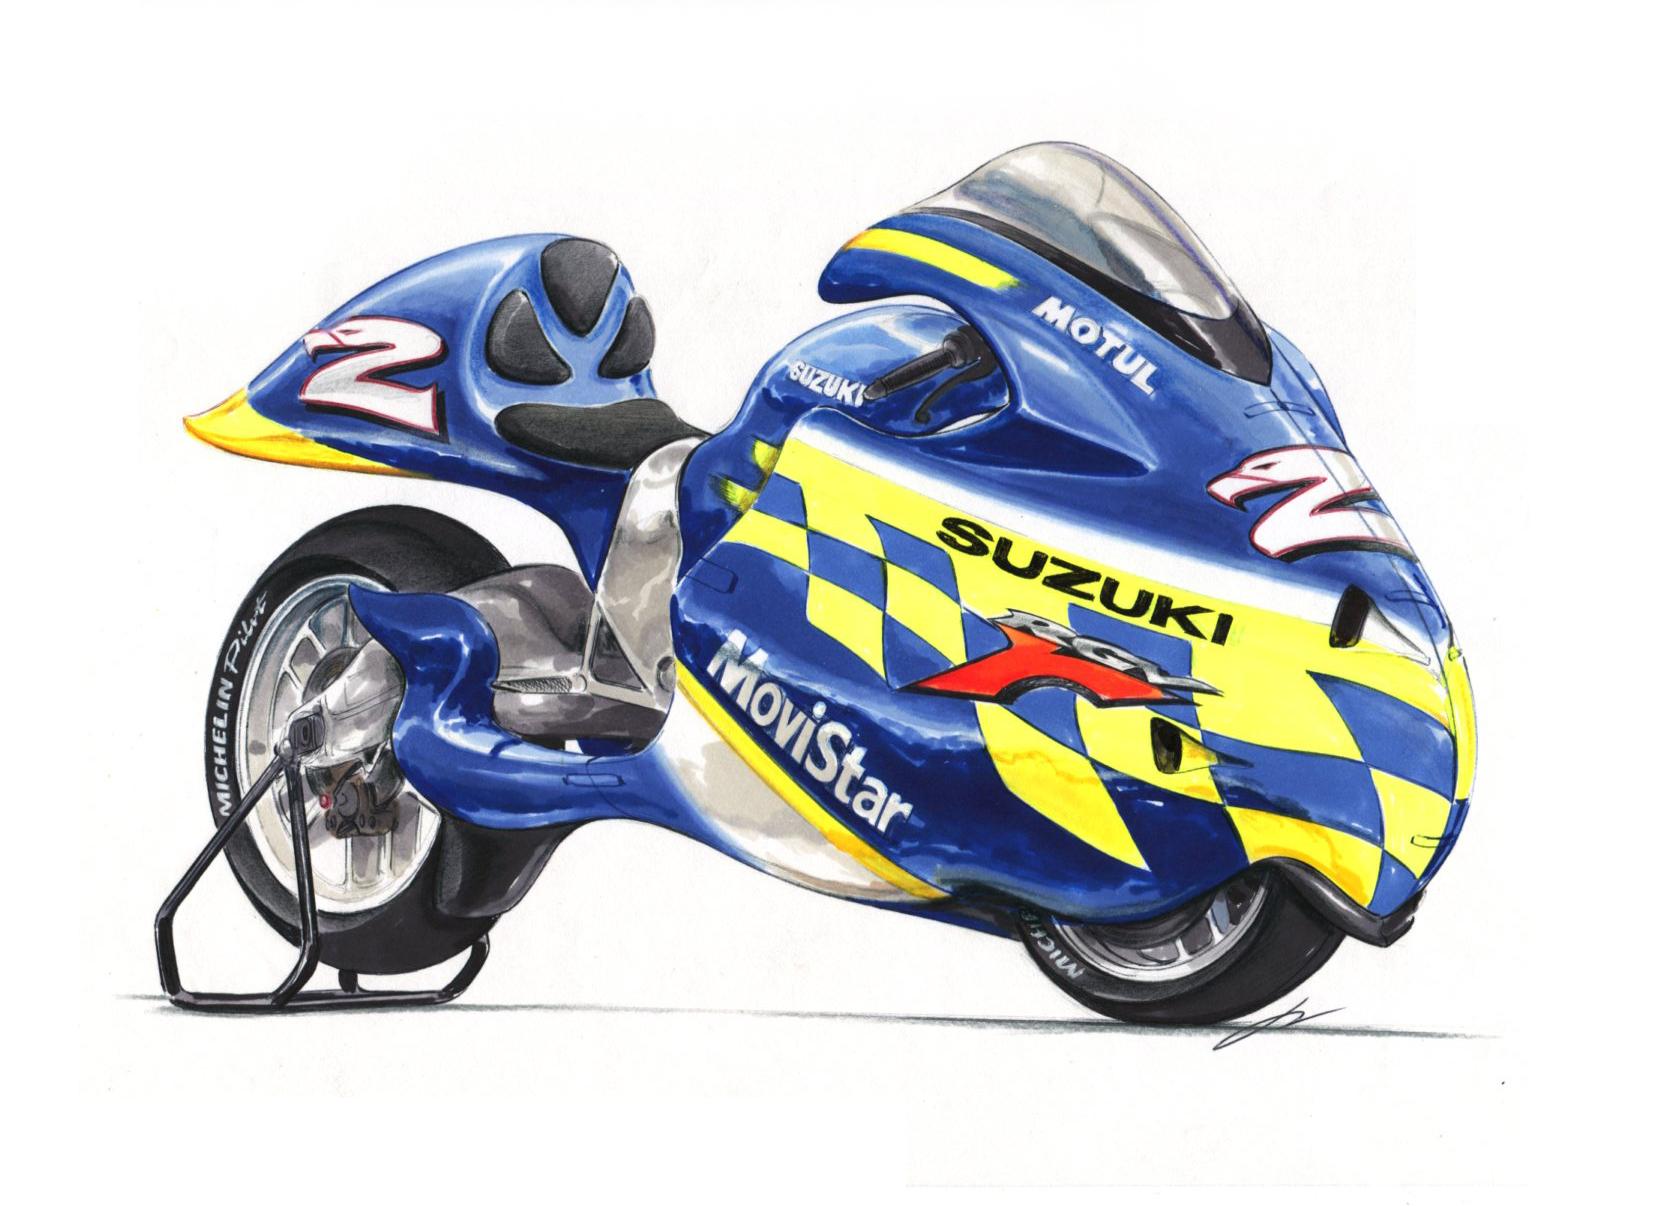 Suzuki GP dustbin